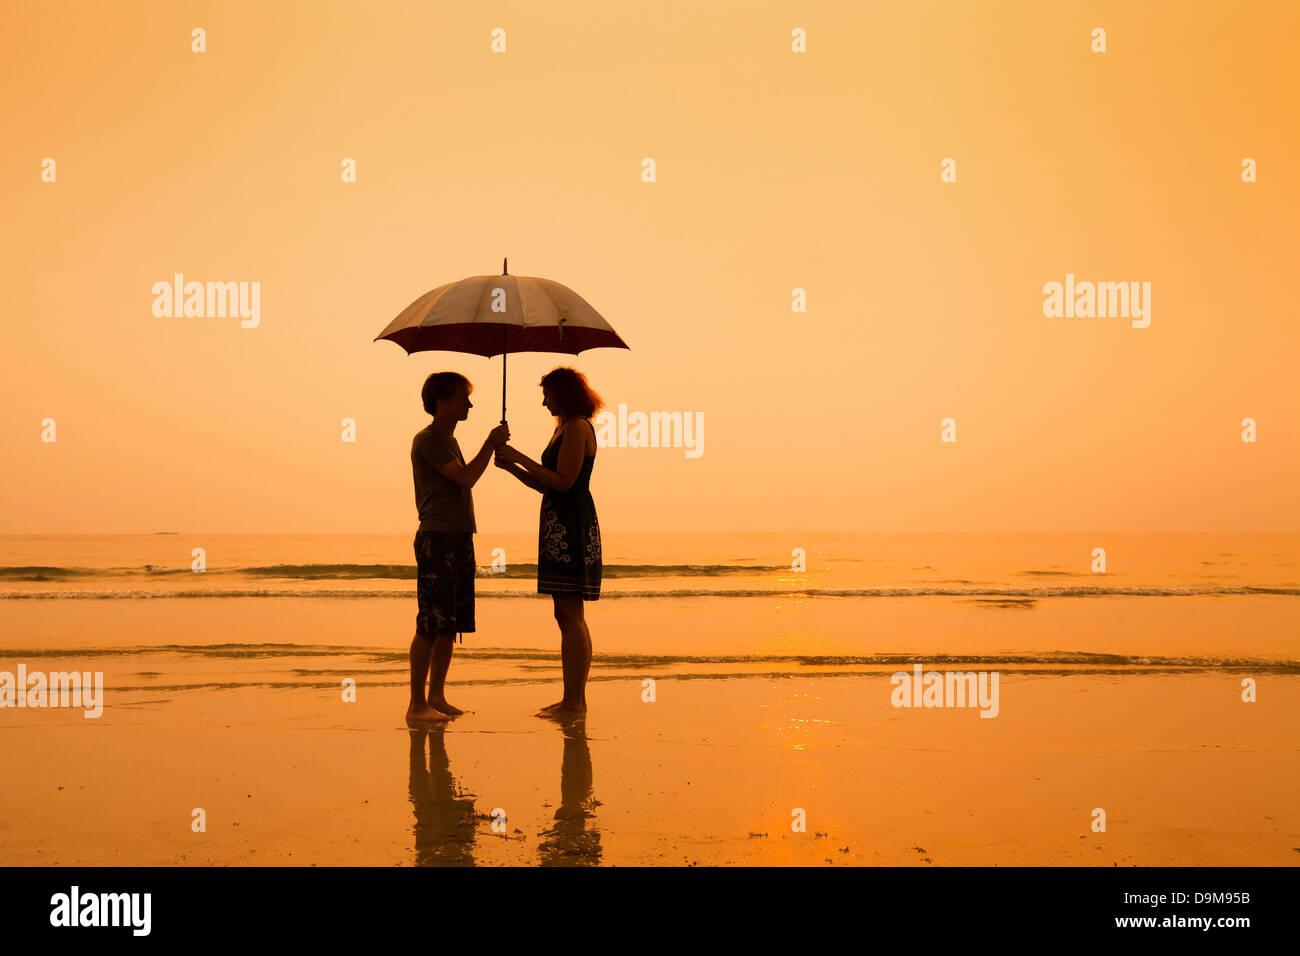 Famille sur la plage, silhouettes de couple avec parapluie Photo Stock